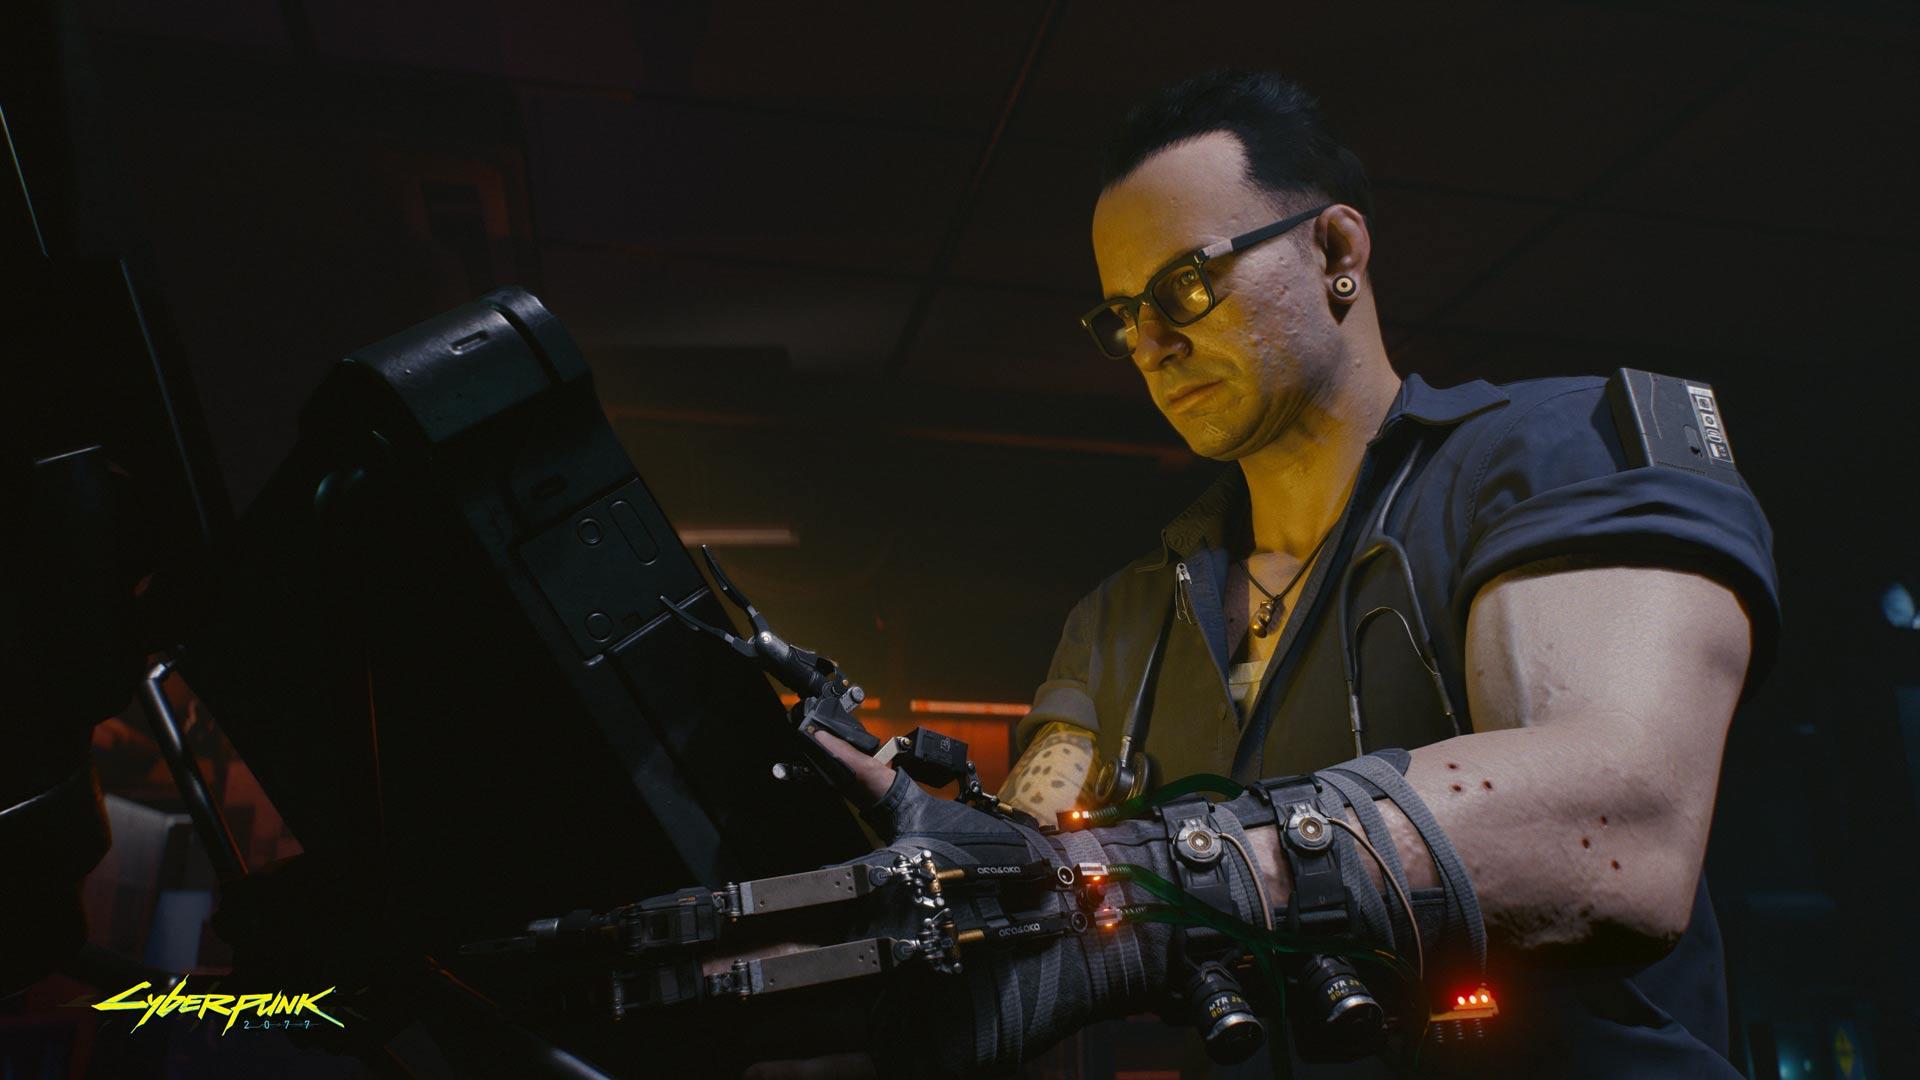 Cyberpunk 2077 Ripperdoc clinic